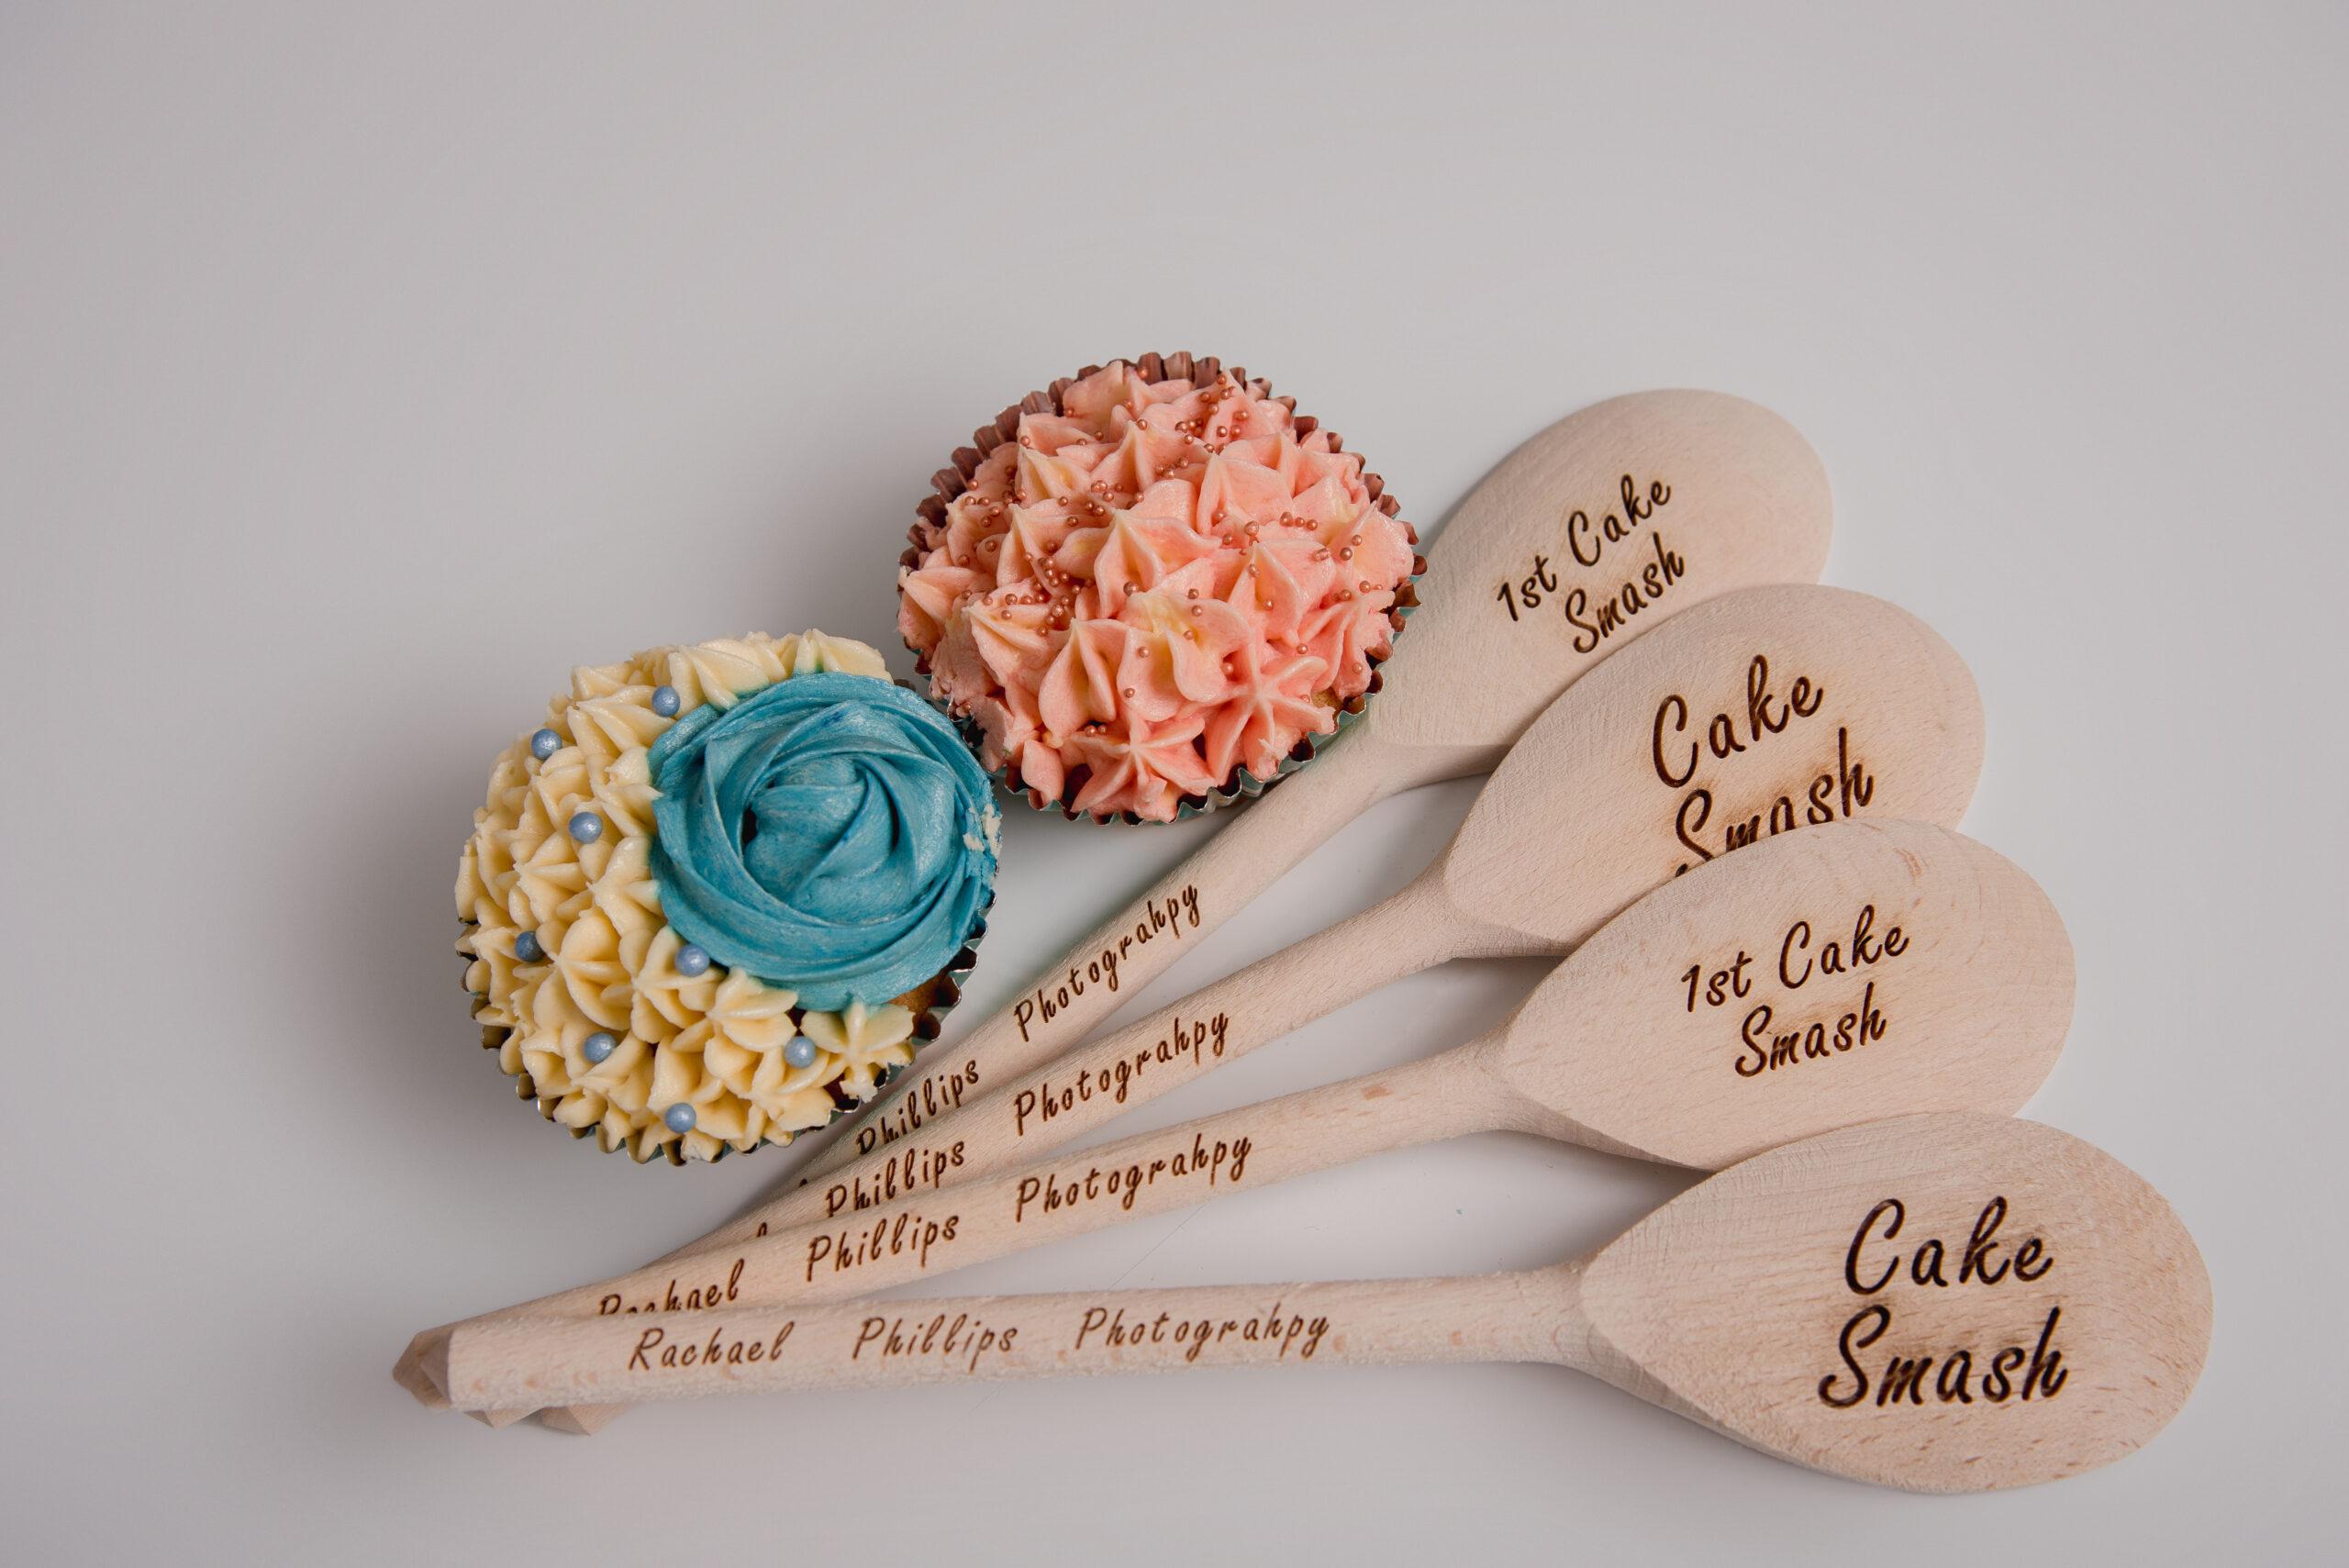 custom made spoons for cake smash